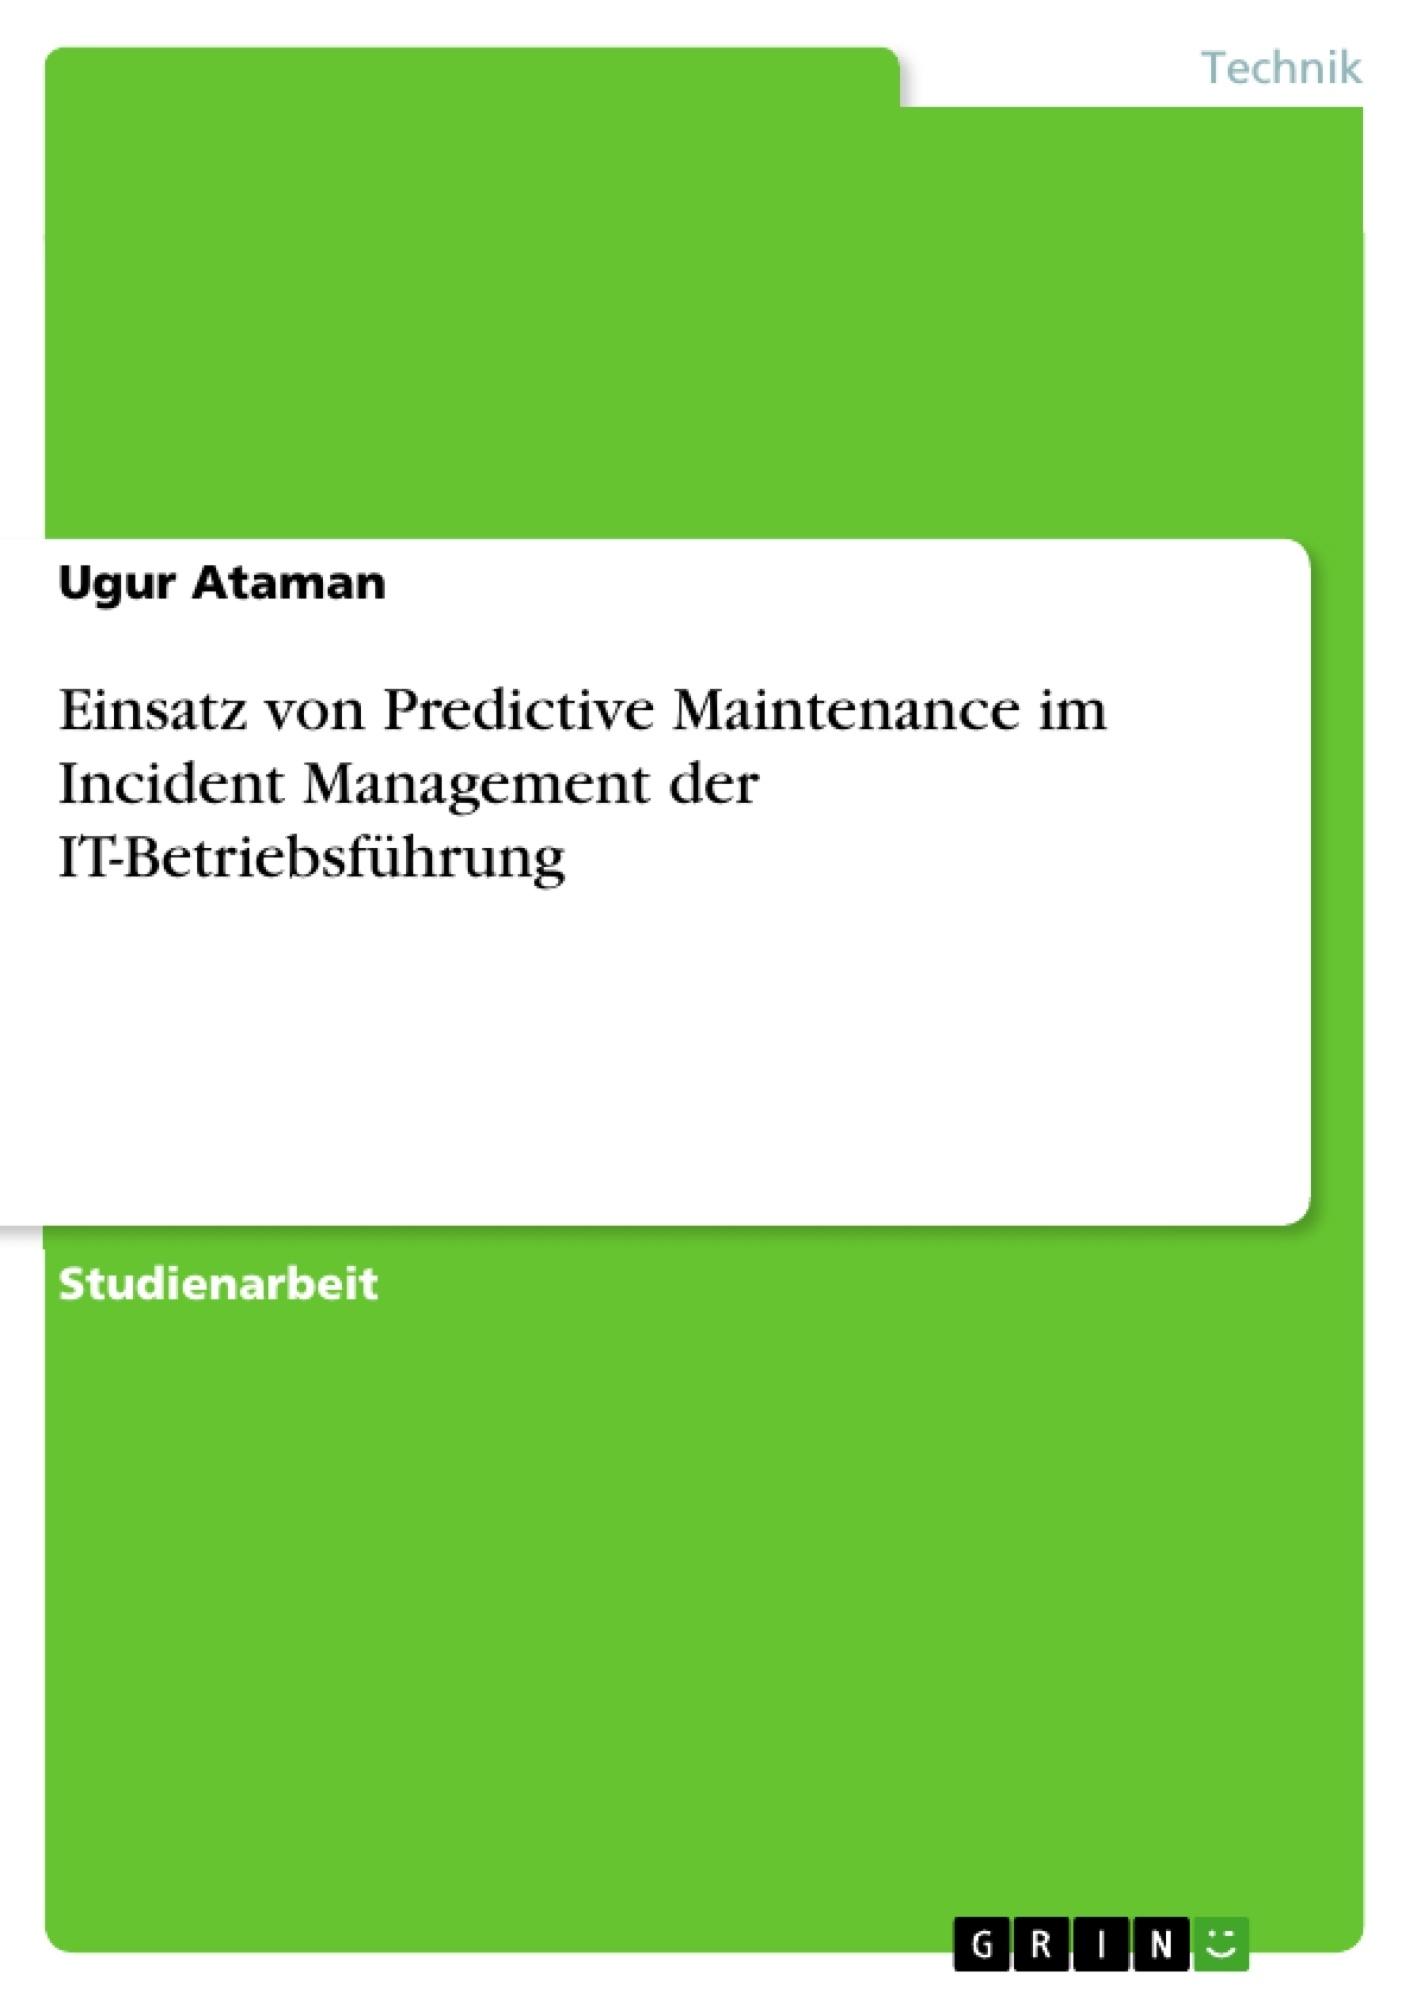 Titel: Einsatz von Predictive Maintenance im Incident Management der IT-Betriebsführung